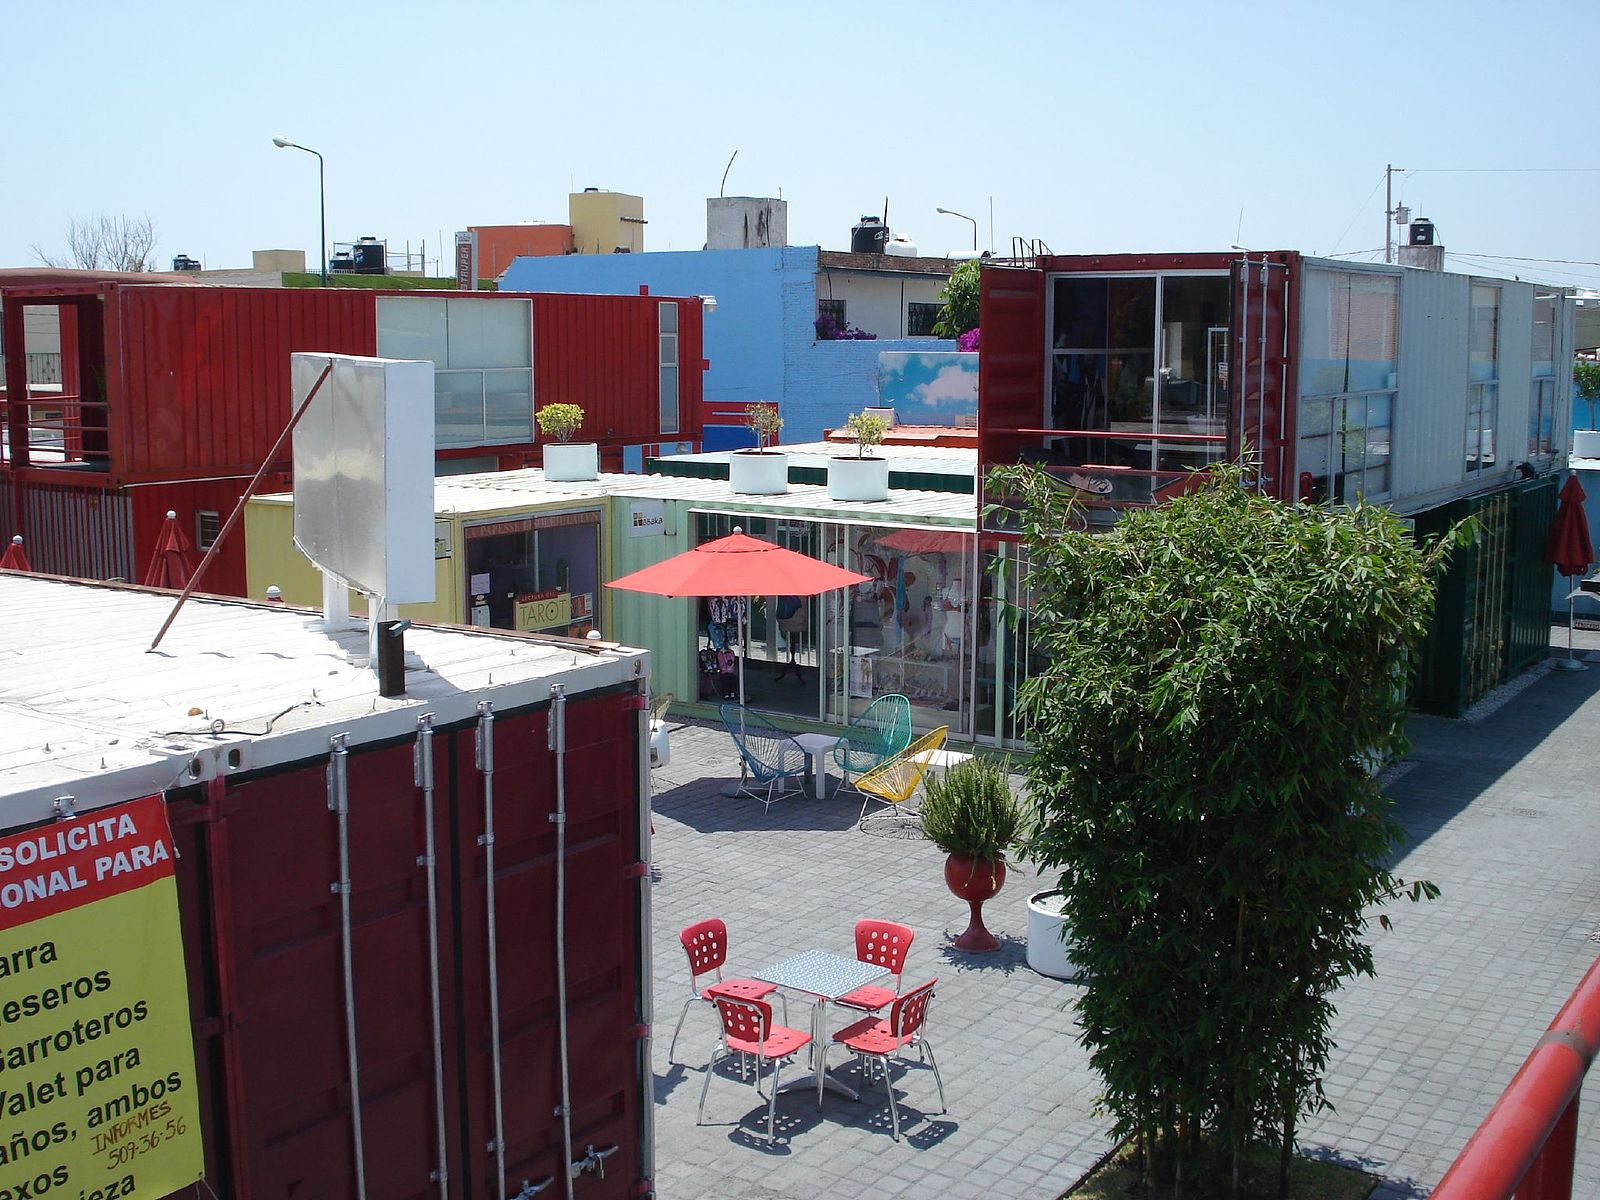 Cholula container city, Mexico